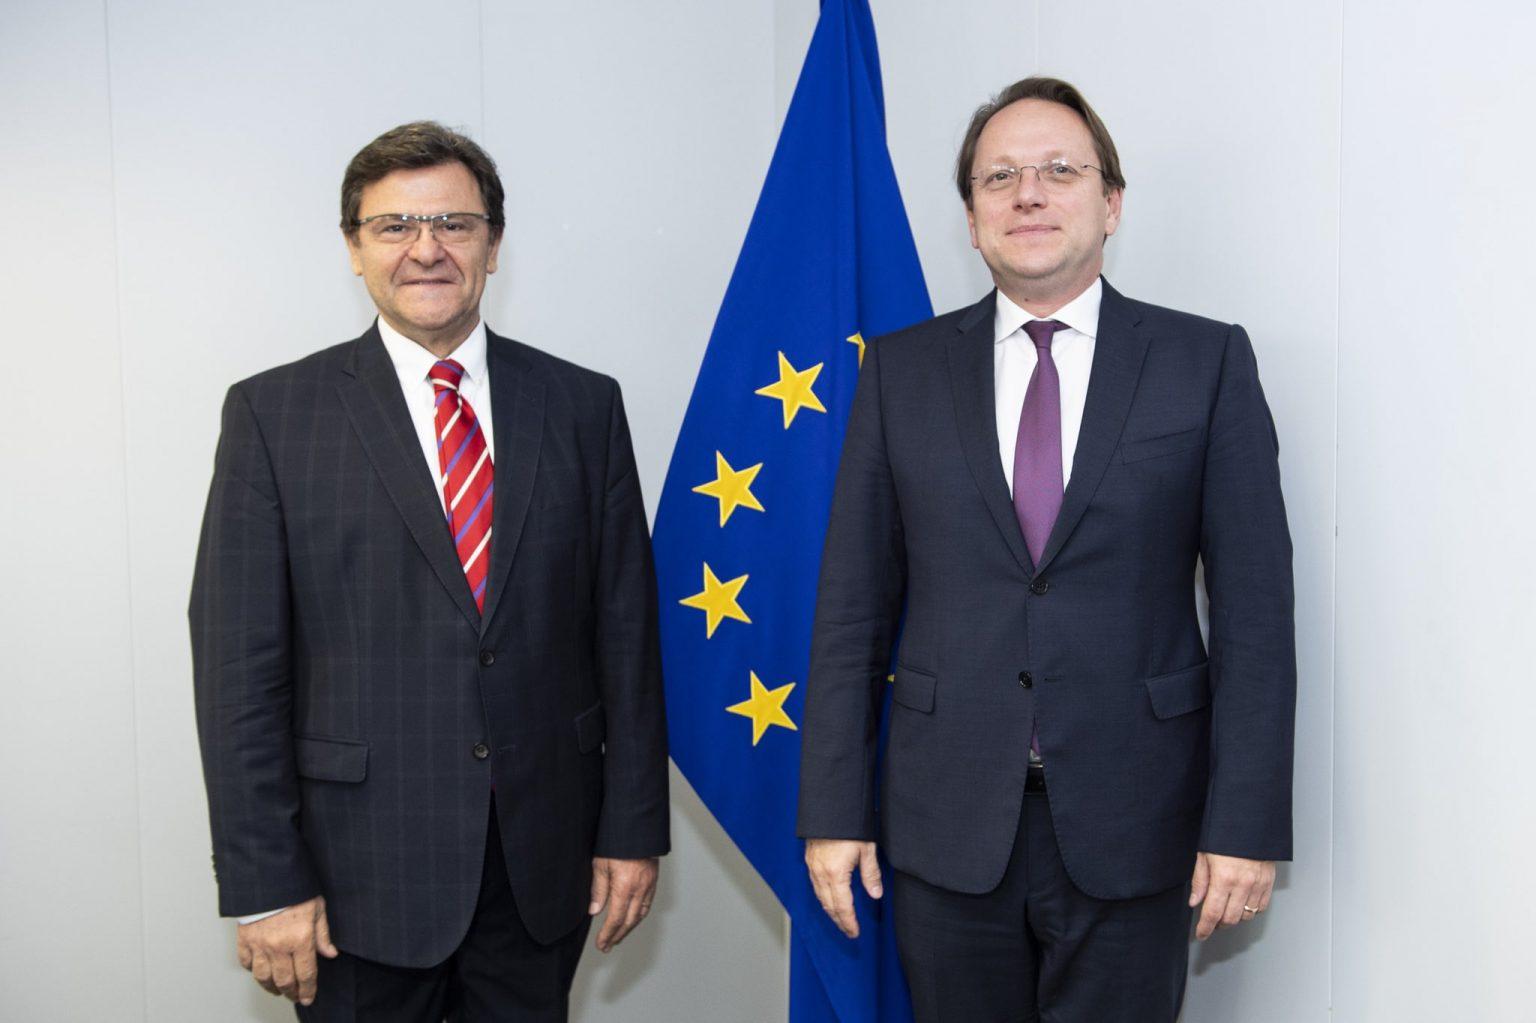 Albanija: Mazi i Varhelyi razgovarali o pripremama za prvu međuvladinu konferenciju